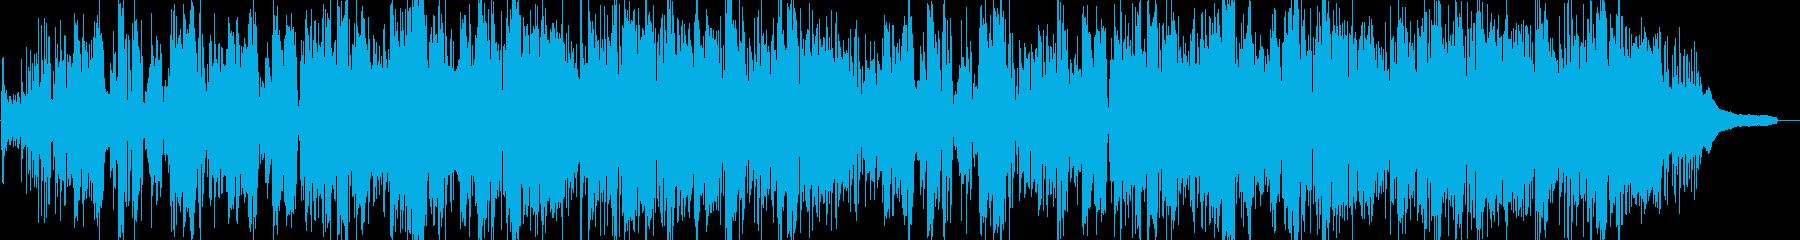 【生演奏】フルートで奏でる爽快感!の再生済みの波形